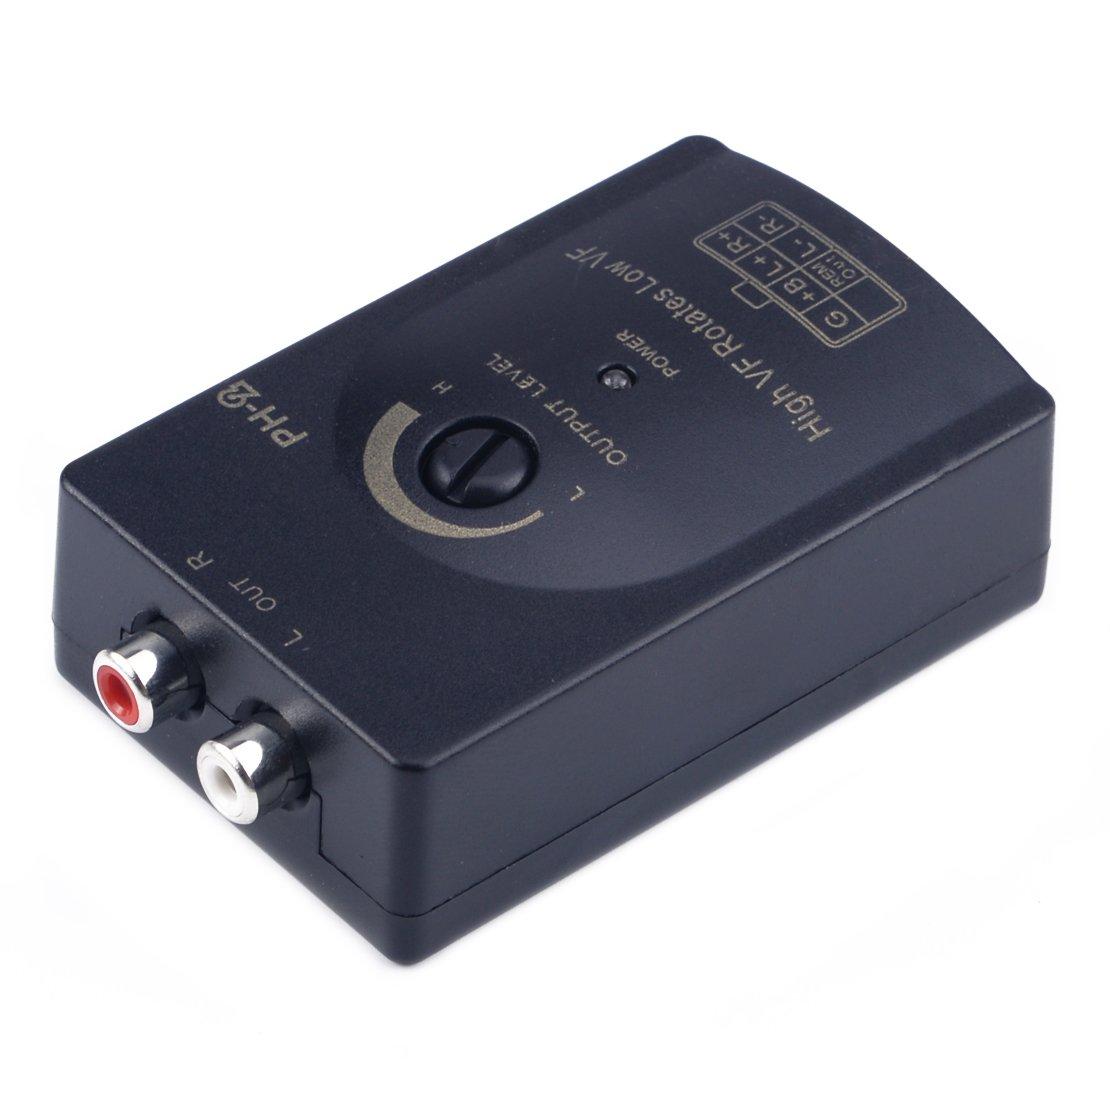 beler Haut-parleur de RCA professionnel de voiture de 0-2V audio haut /à bas niveau sommateur de ligne de sortie convertisseur et adaptateur de c/âblage